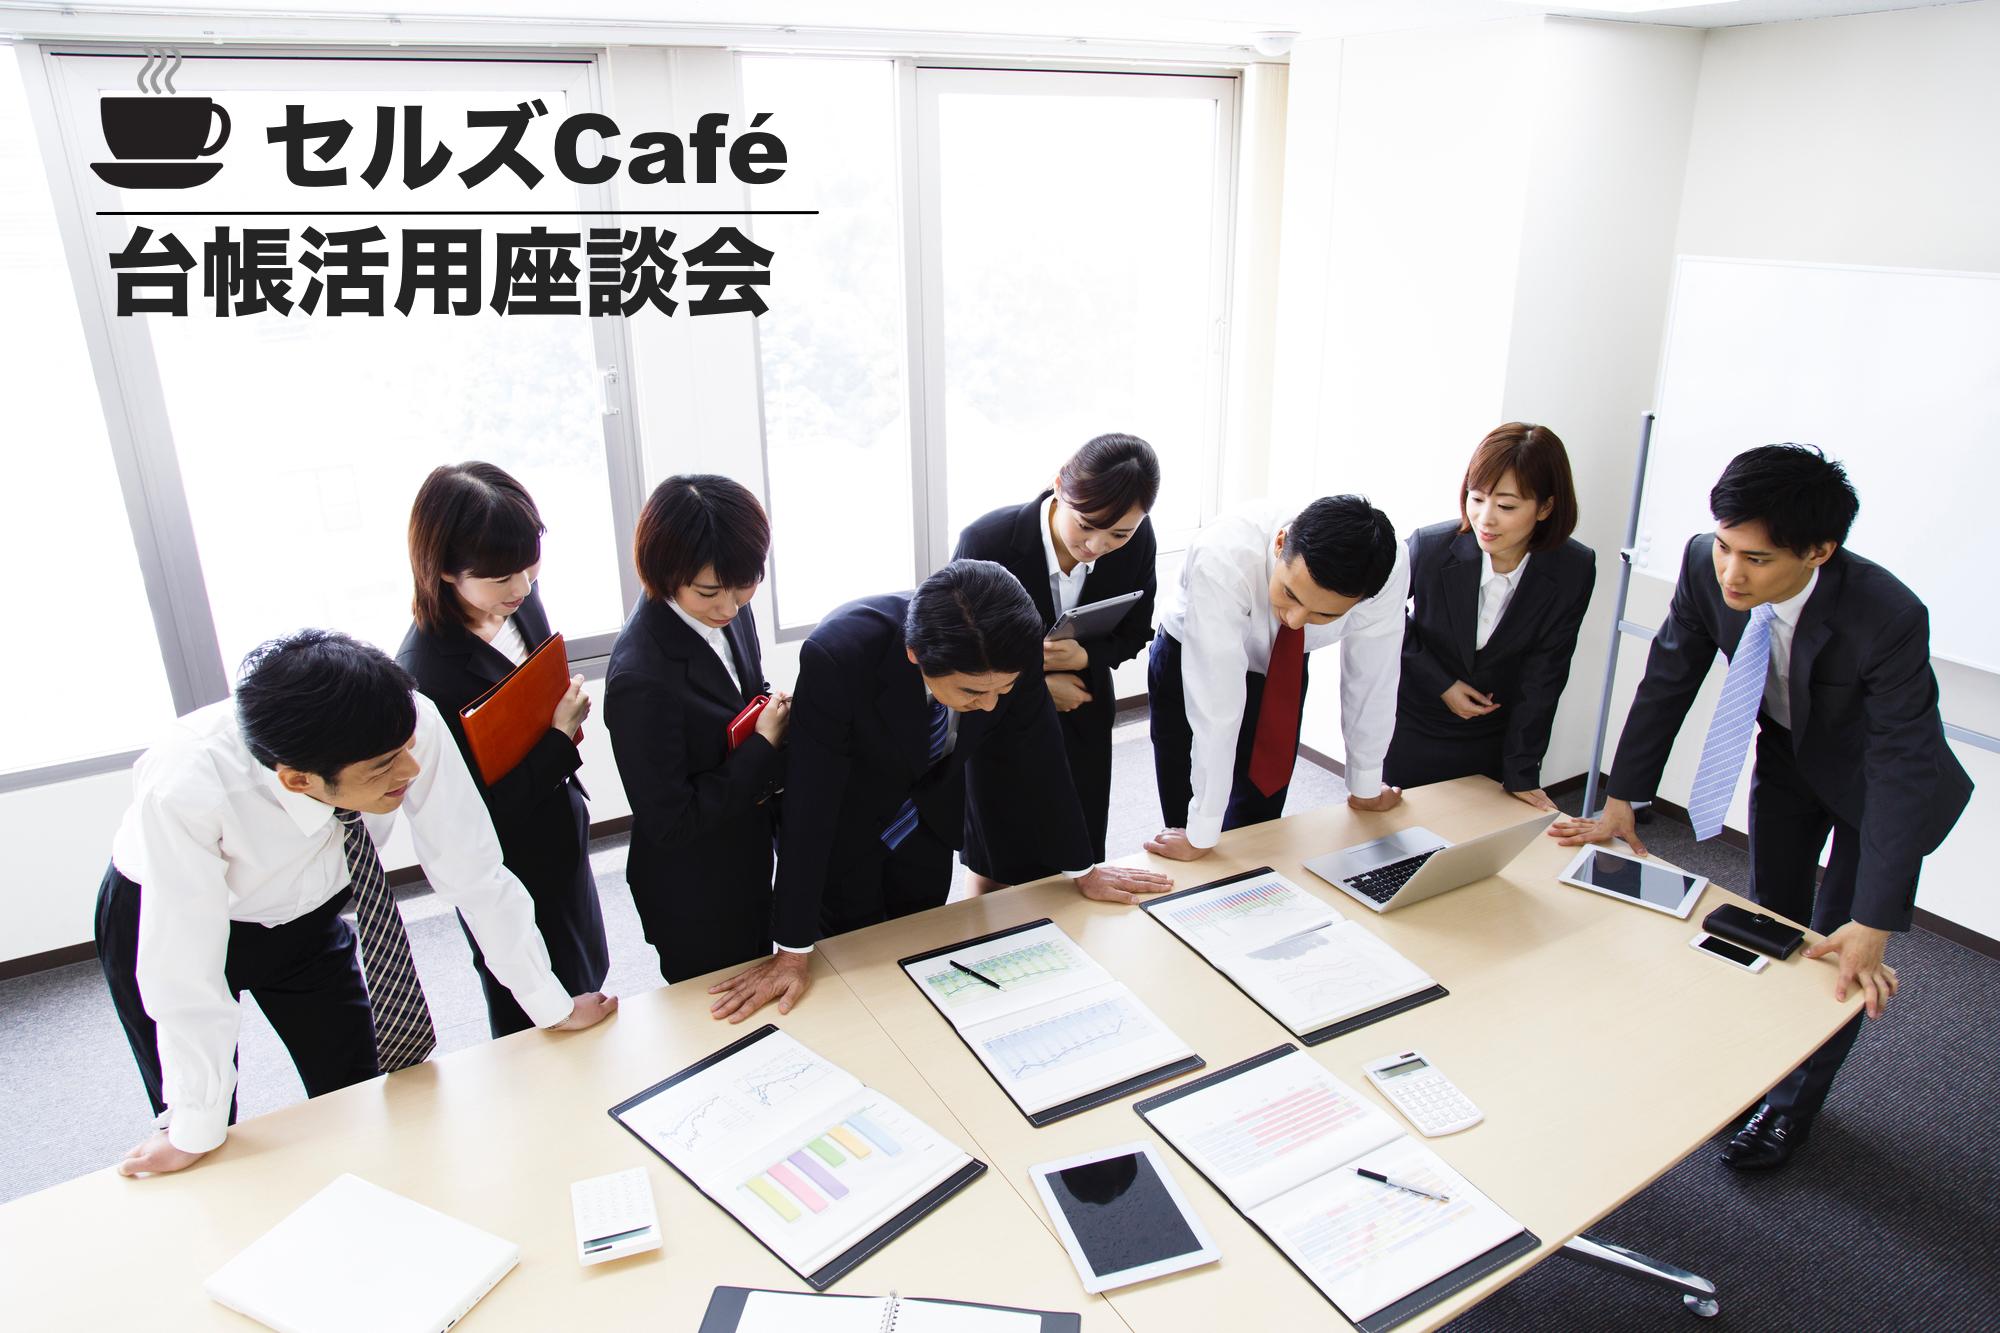 セルズ Café | 座談会 【銀座店 / 名古屋伏見店】